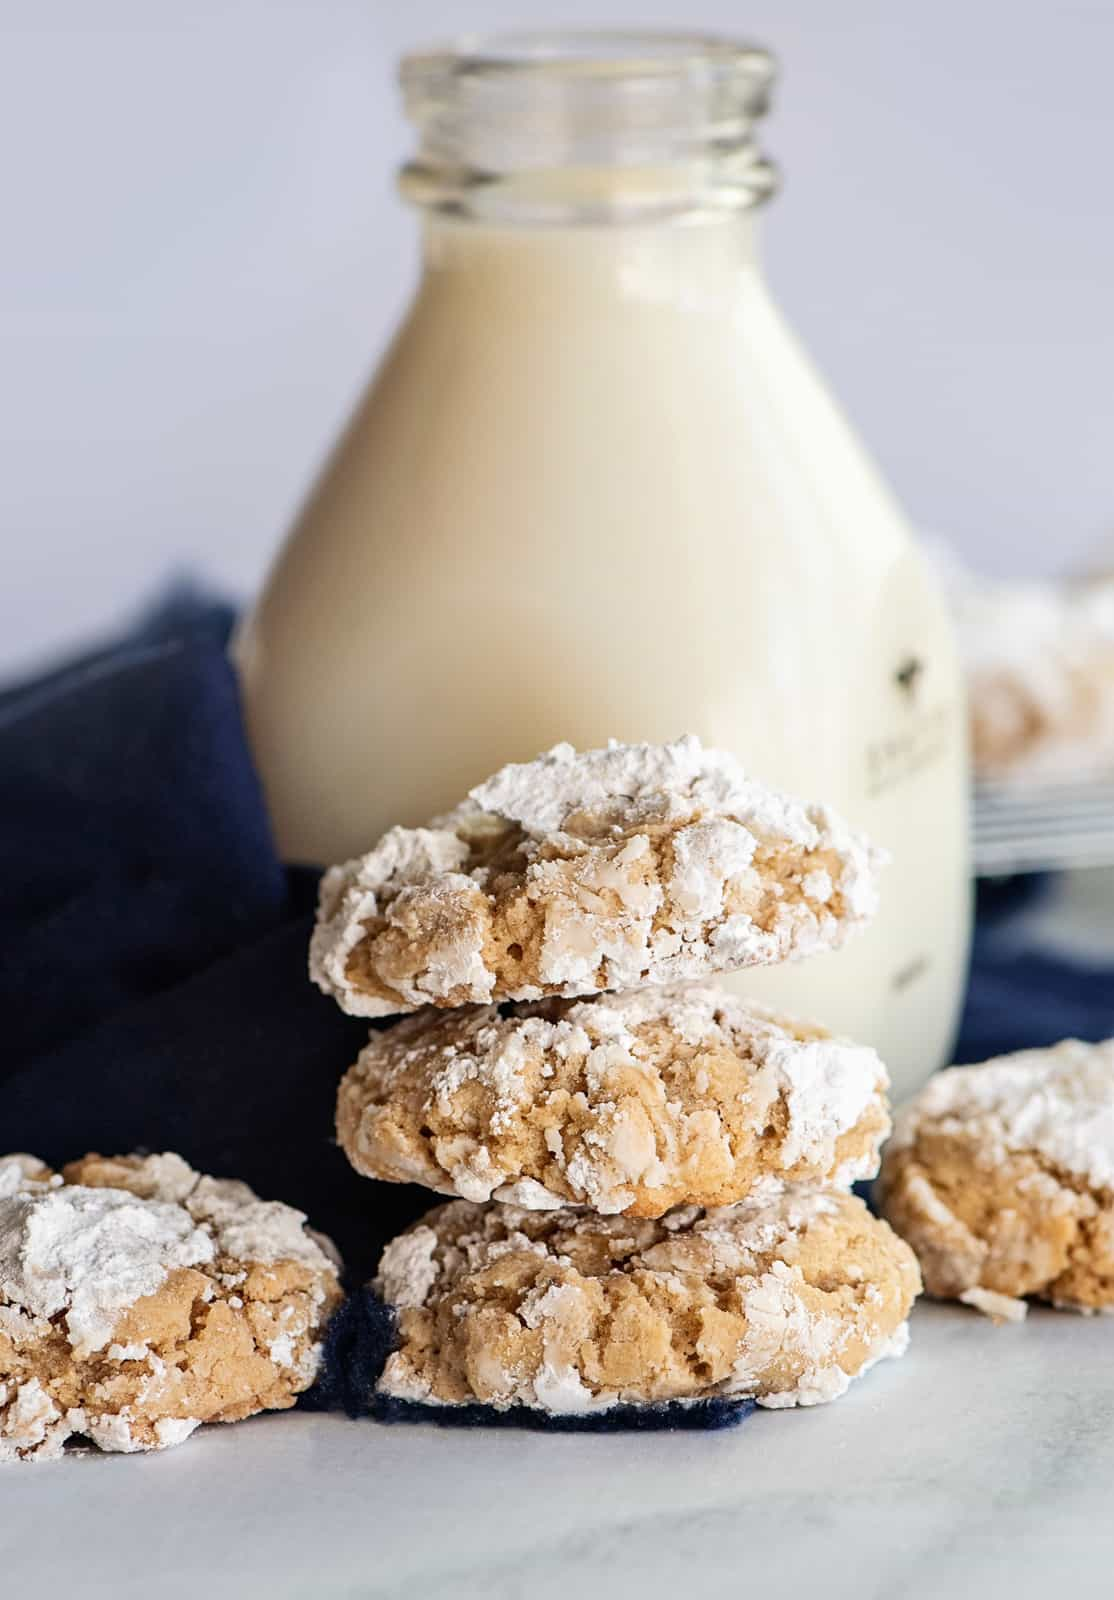 Stacked Crinkle Cookies in front of jug of milk